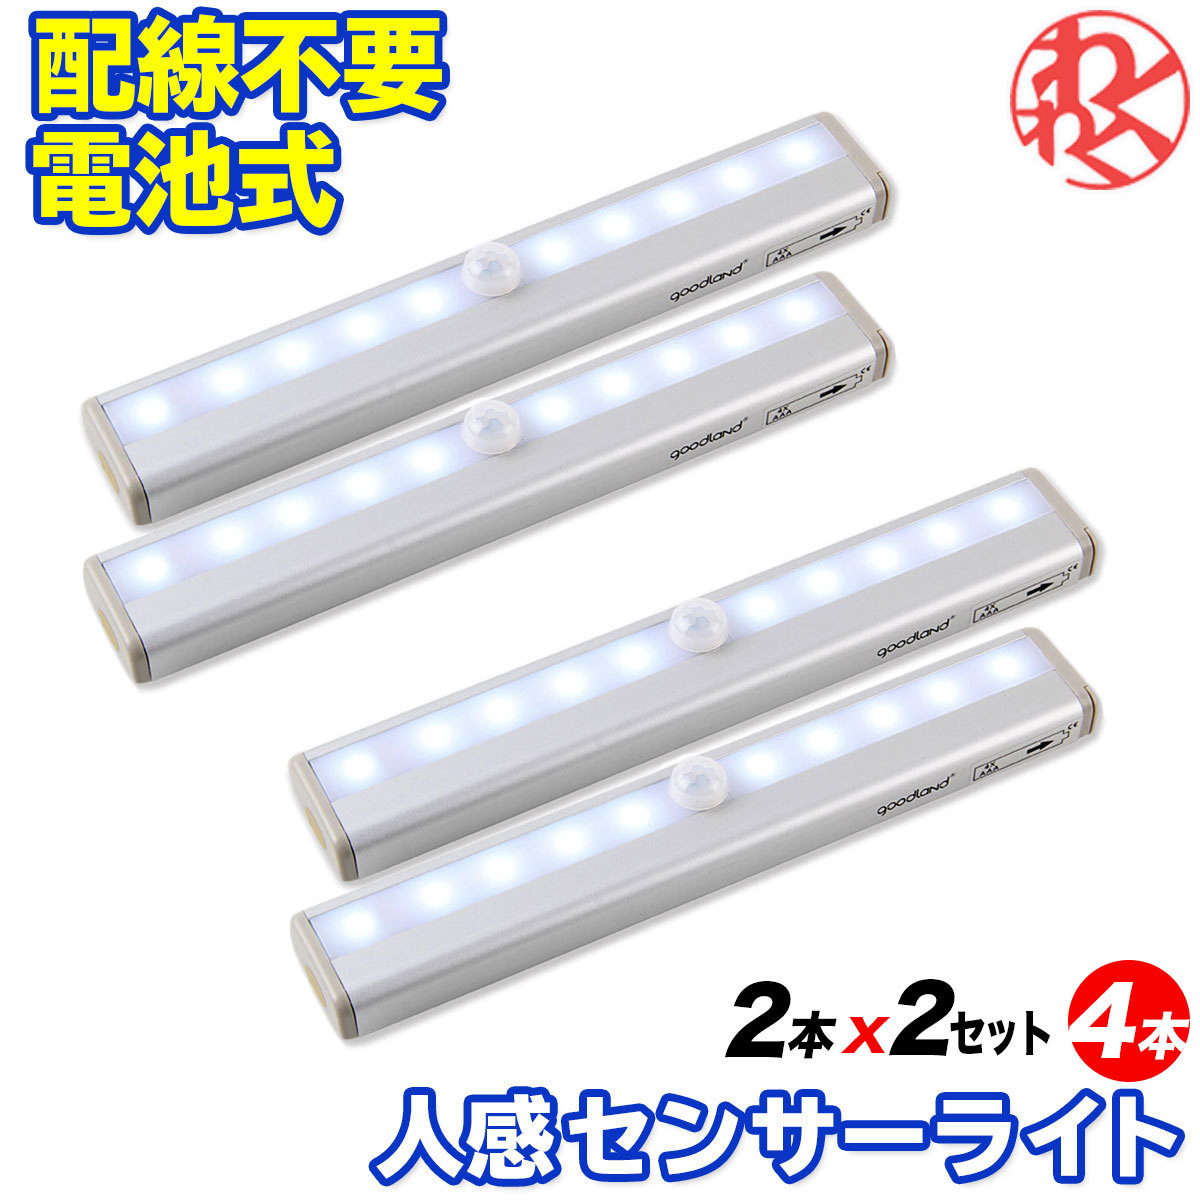 つけっぱなし解決 消し忘れ 4個セット 人感センサー ライト 玄関 led 屋内 電池単4 4本 最安値に挑戦 自動消灯 壁灯 70%OFFアウトレット LEDライト 寝室廊下 自動点灯 ナイトライト 常夜灯 階段 非常灯